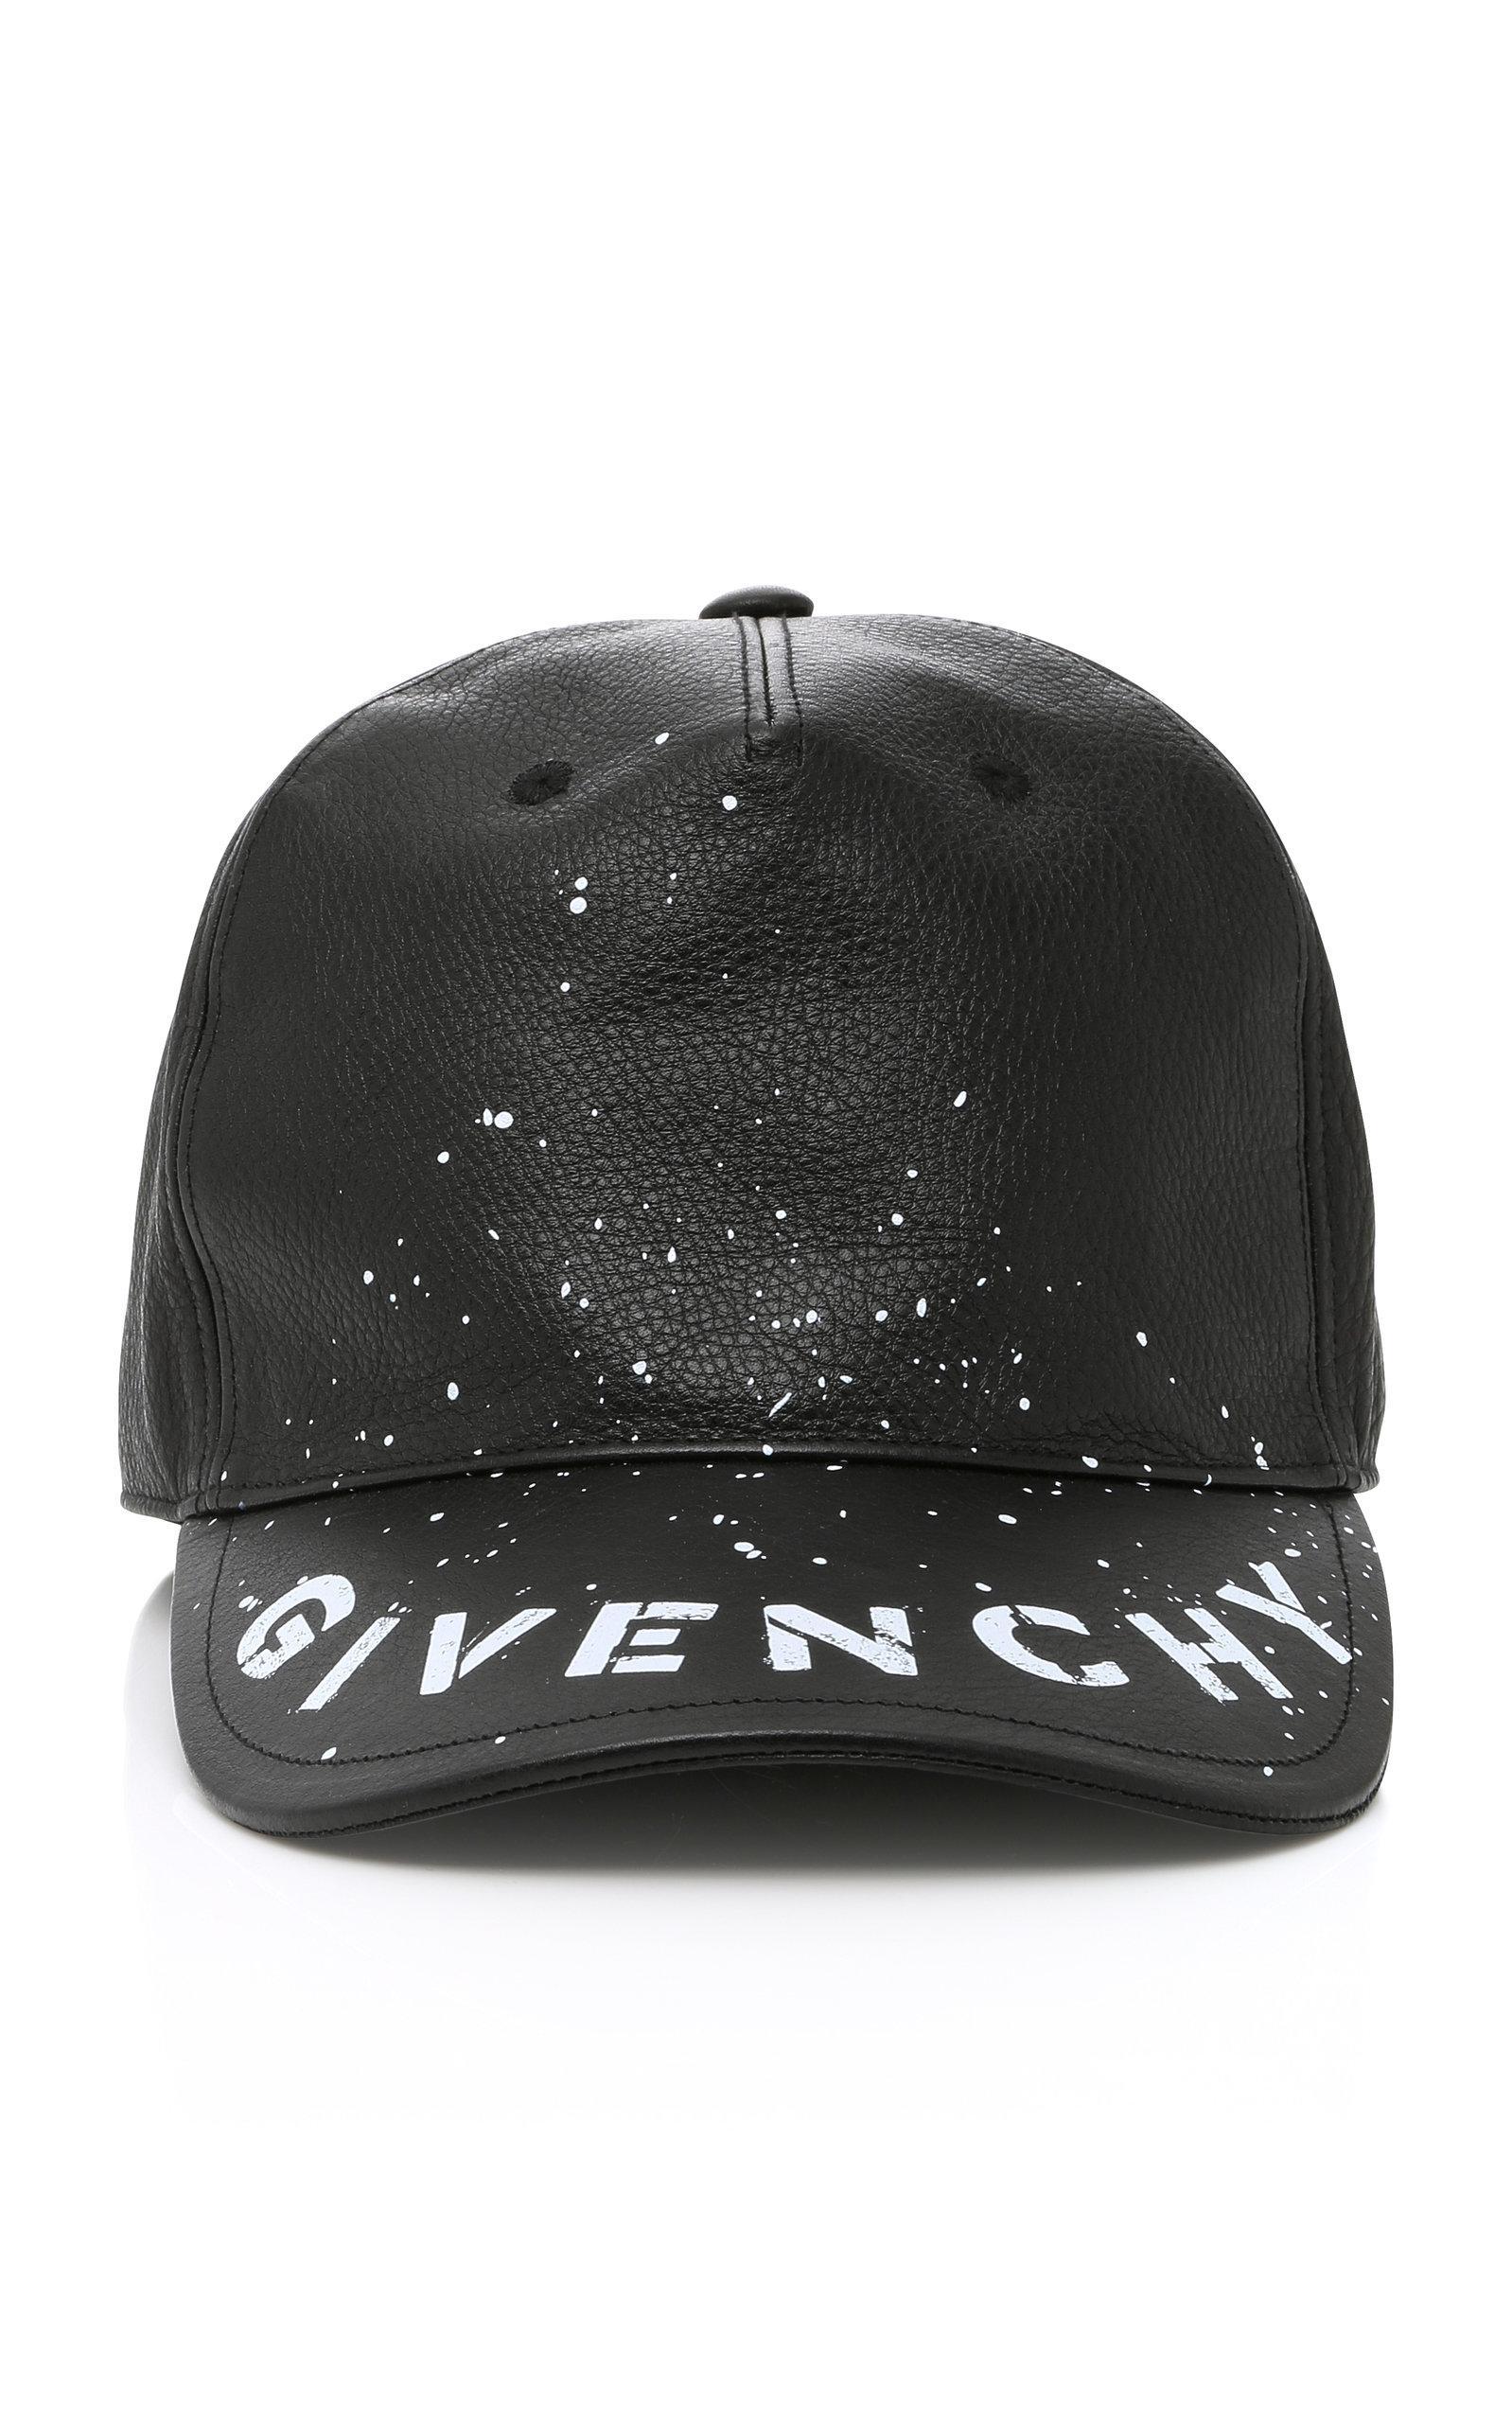 00cabe43 Givenchy Logo-Print Leather Baseball Cap - Black - One Siz   ModeSens